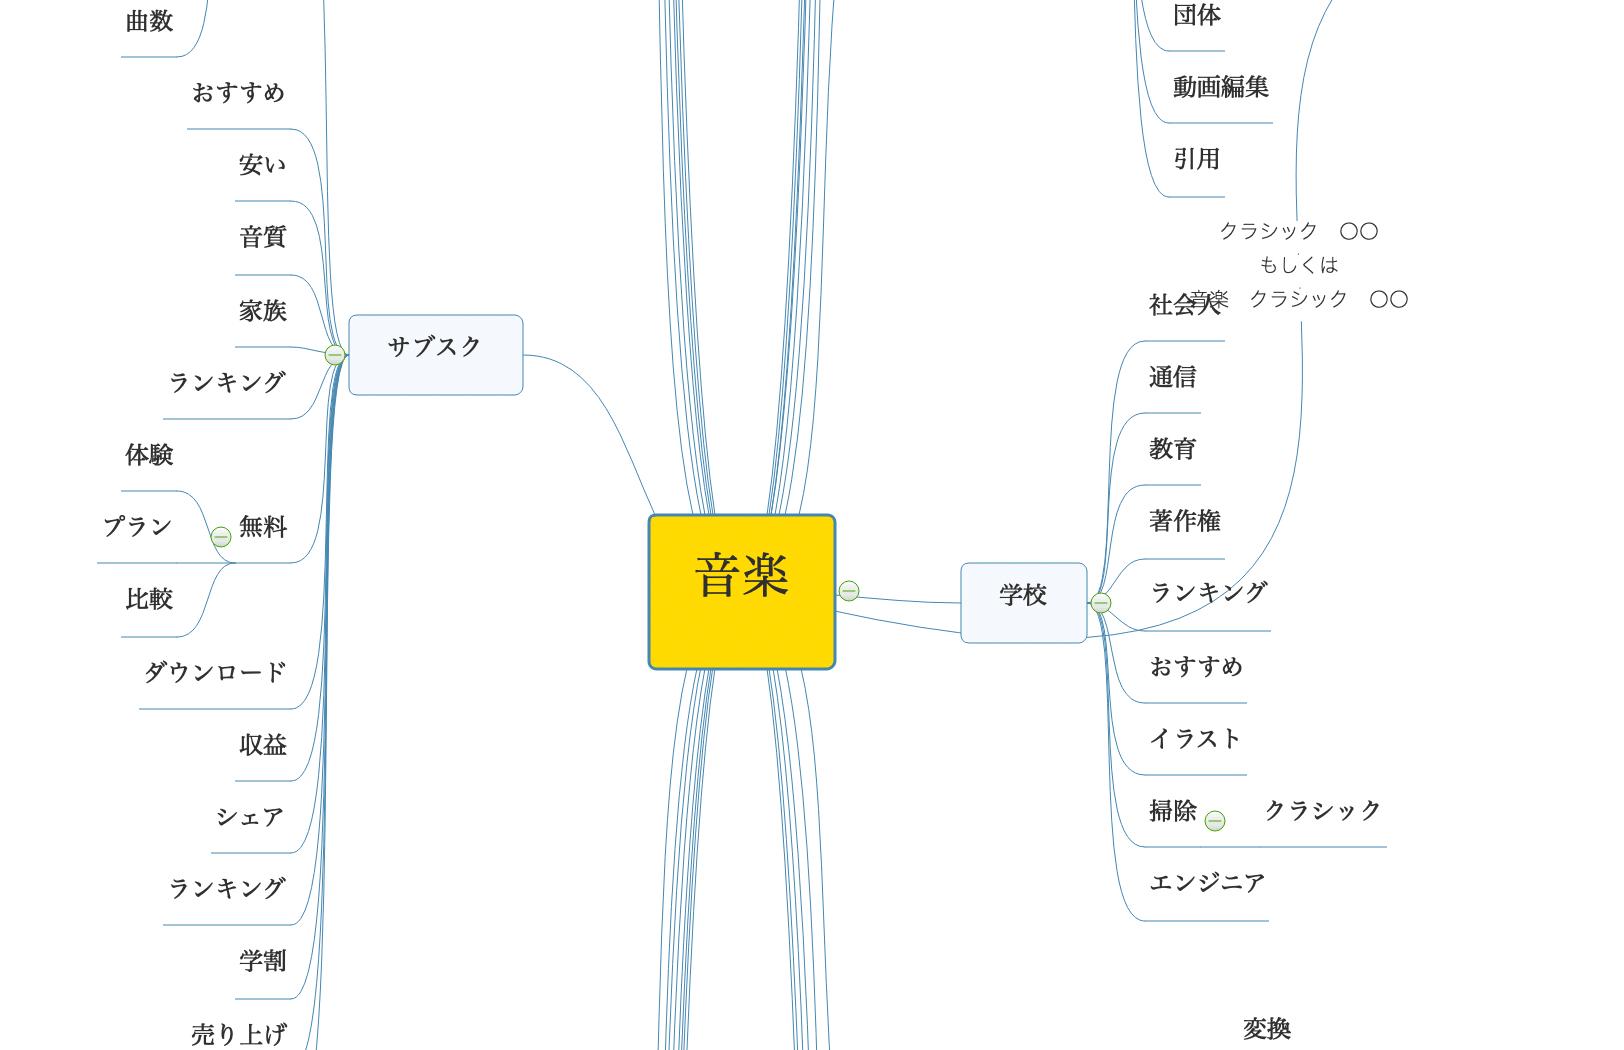 スクリーンショット 2021-03-22 22.01.41-minのアイキャッチ画像